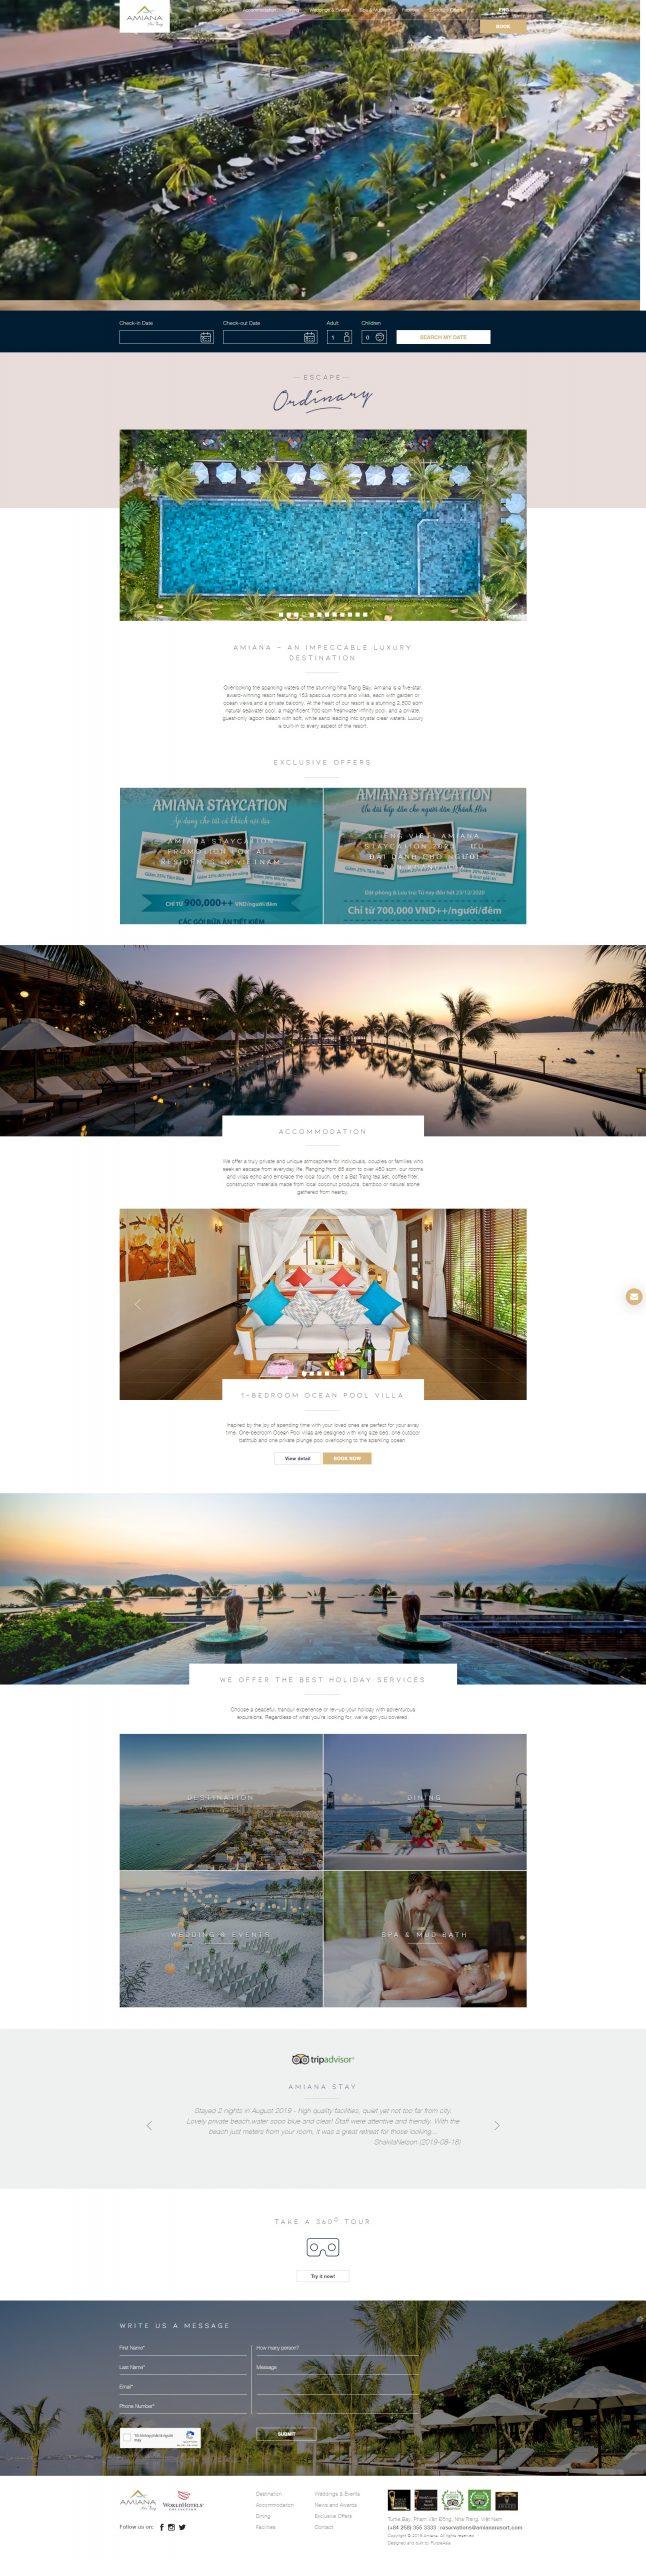 Dự án Amian Resort Nha Trang